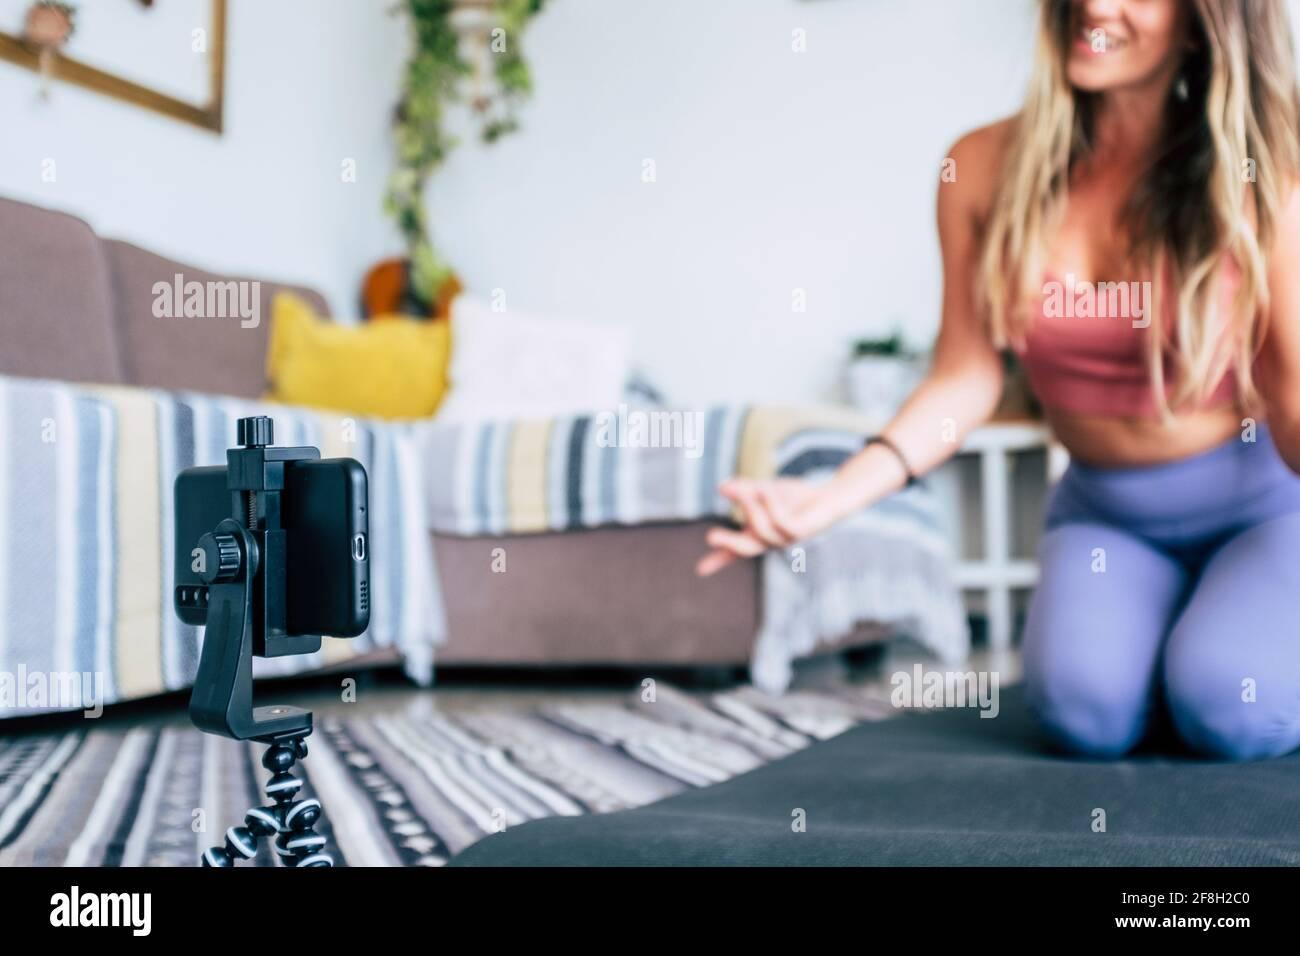 Mujer joven haciendo ejercicio en casa haciendo ejercicio y grabando en ella con teléfono celular para enseñar a hacer ejercicio y producir web clase: negocios creadores de contenido Foto de stock